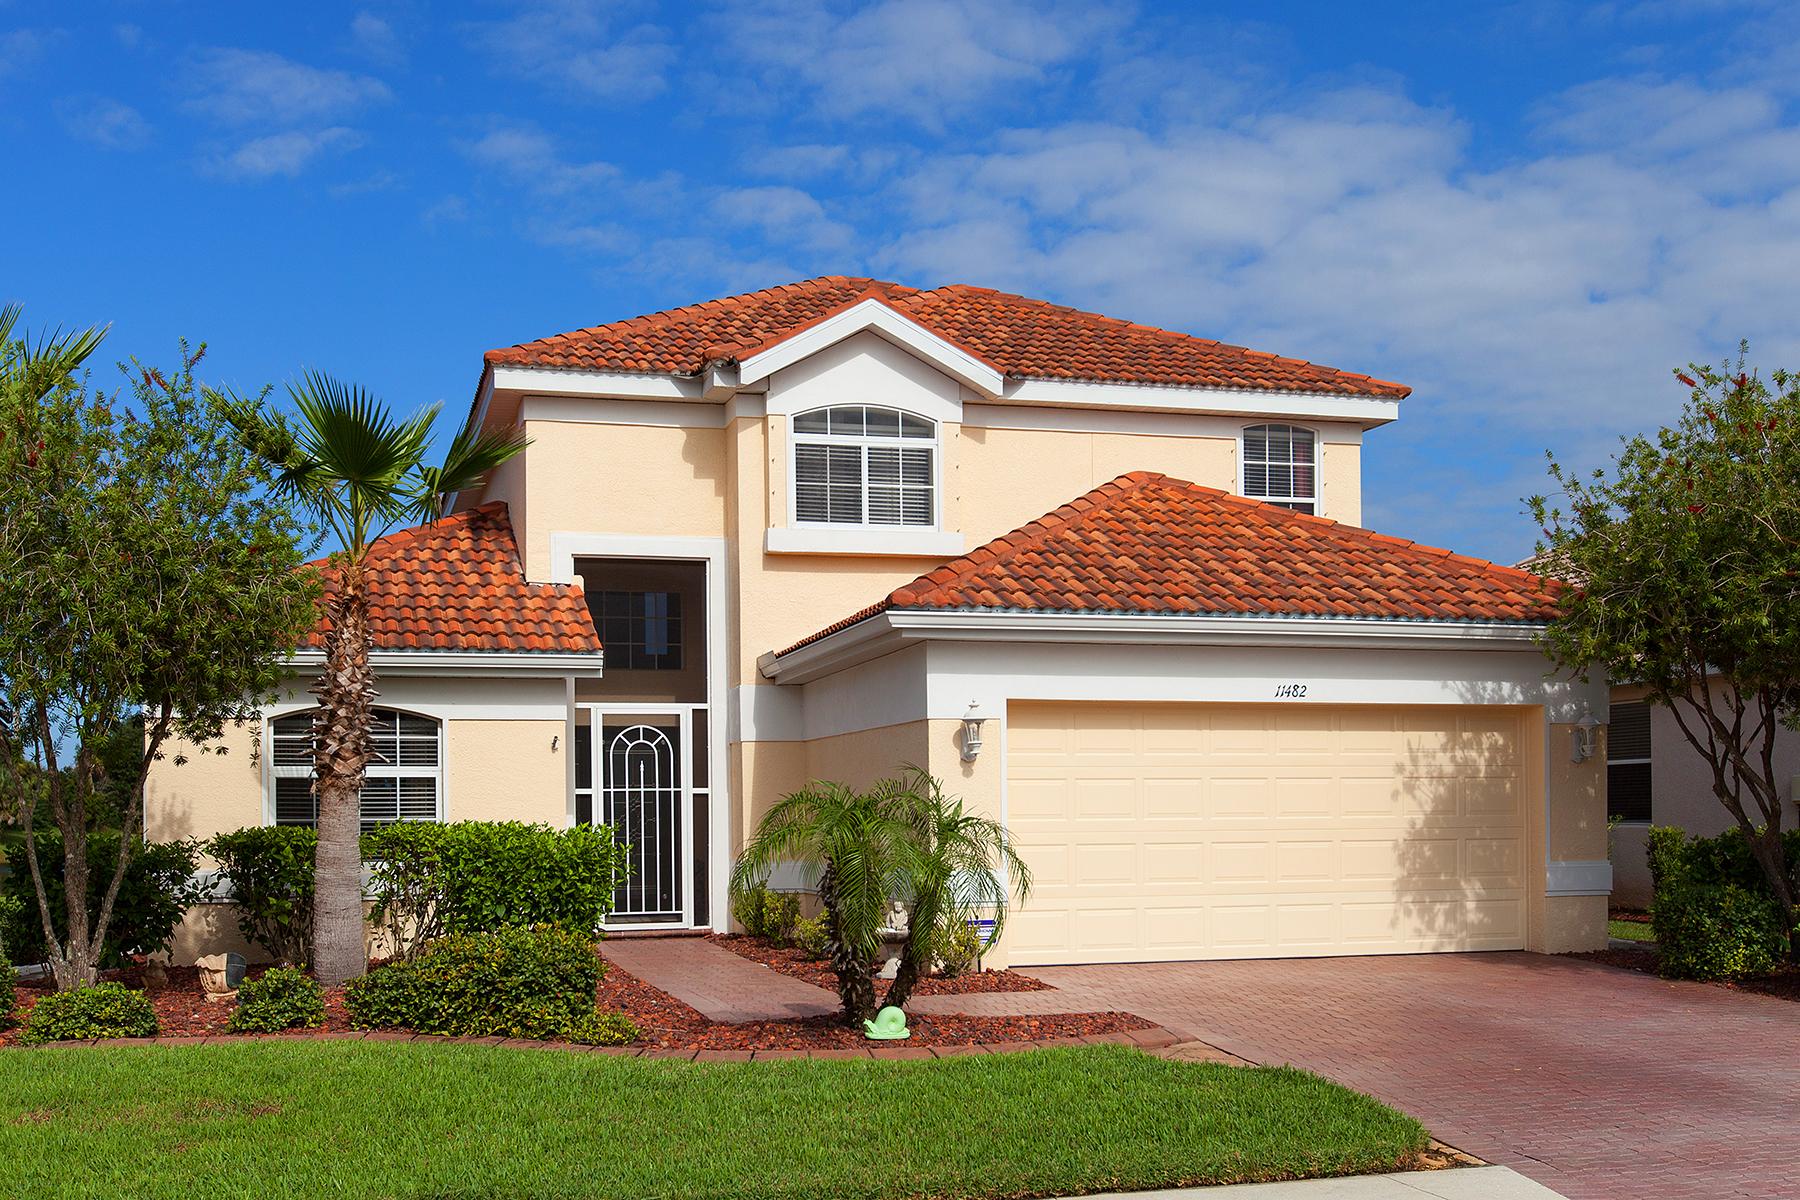 独户住宅 为 销售 在 STONEYBROOK AT VENICE 11482 Tinder Ct 威尼斯, 佛罗里达州, 34292 美国